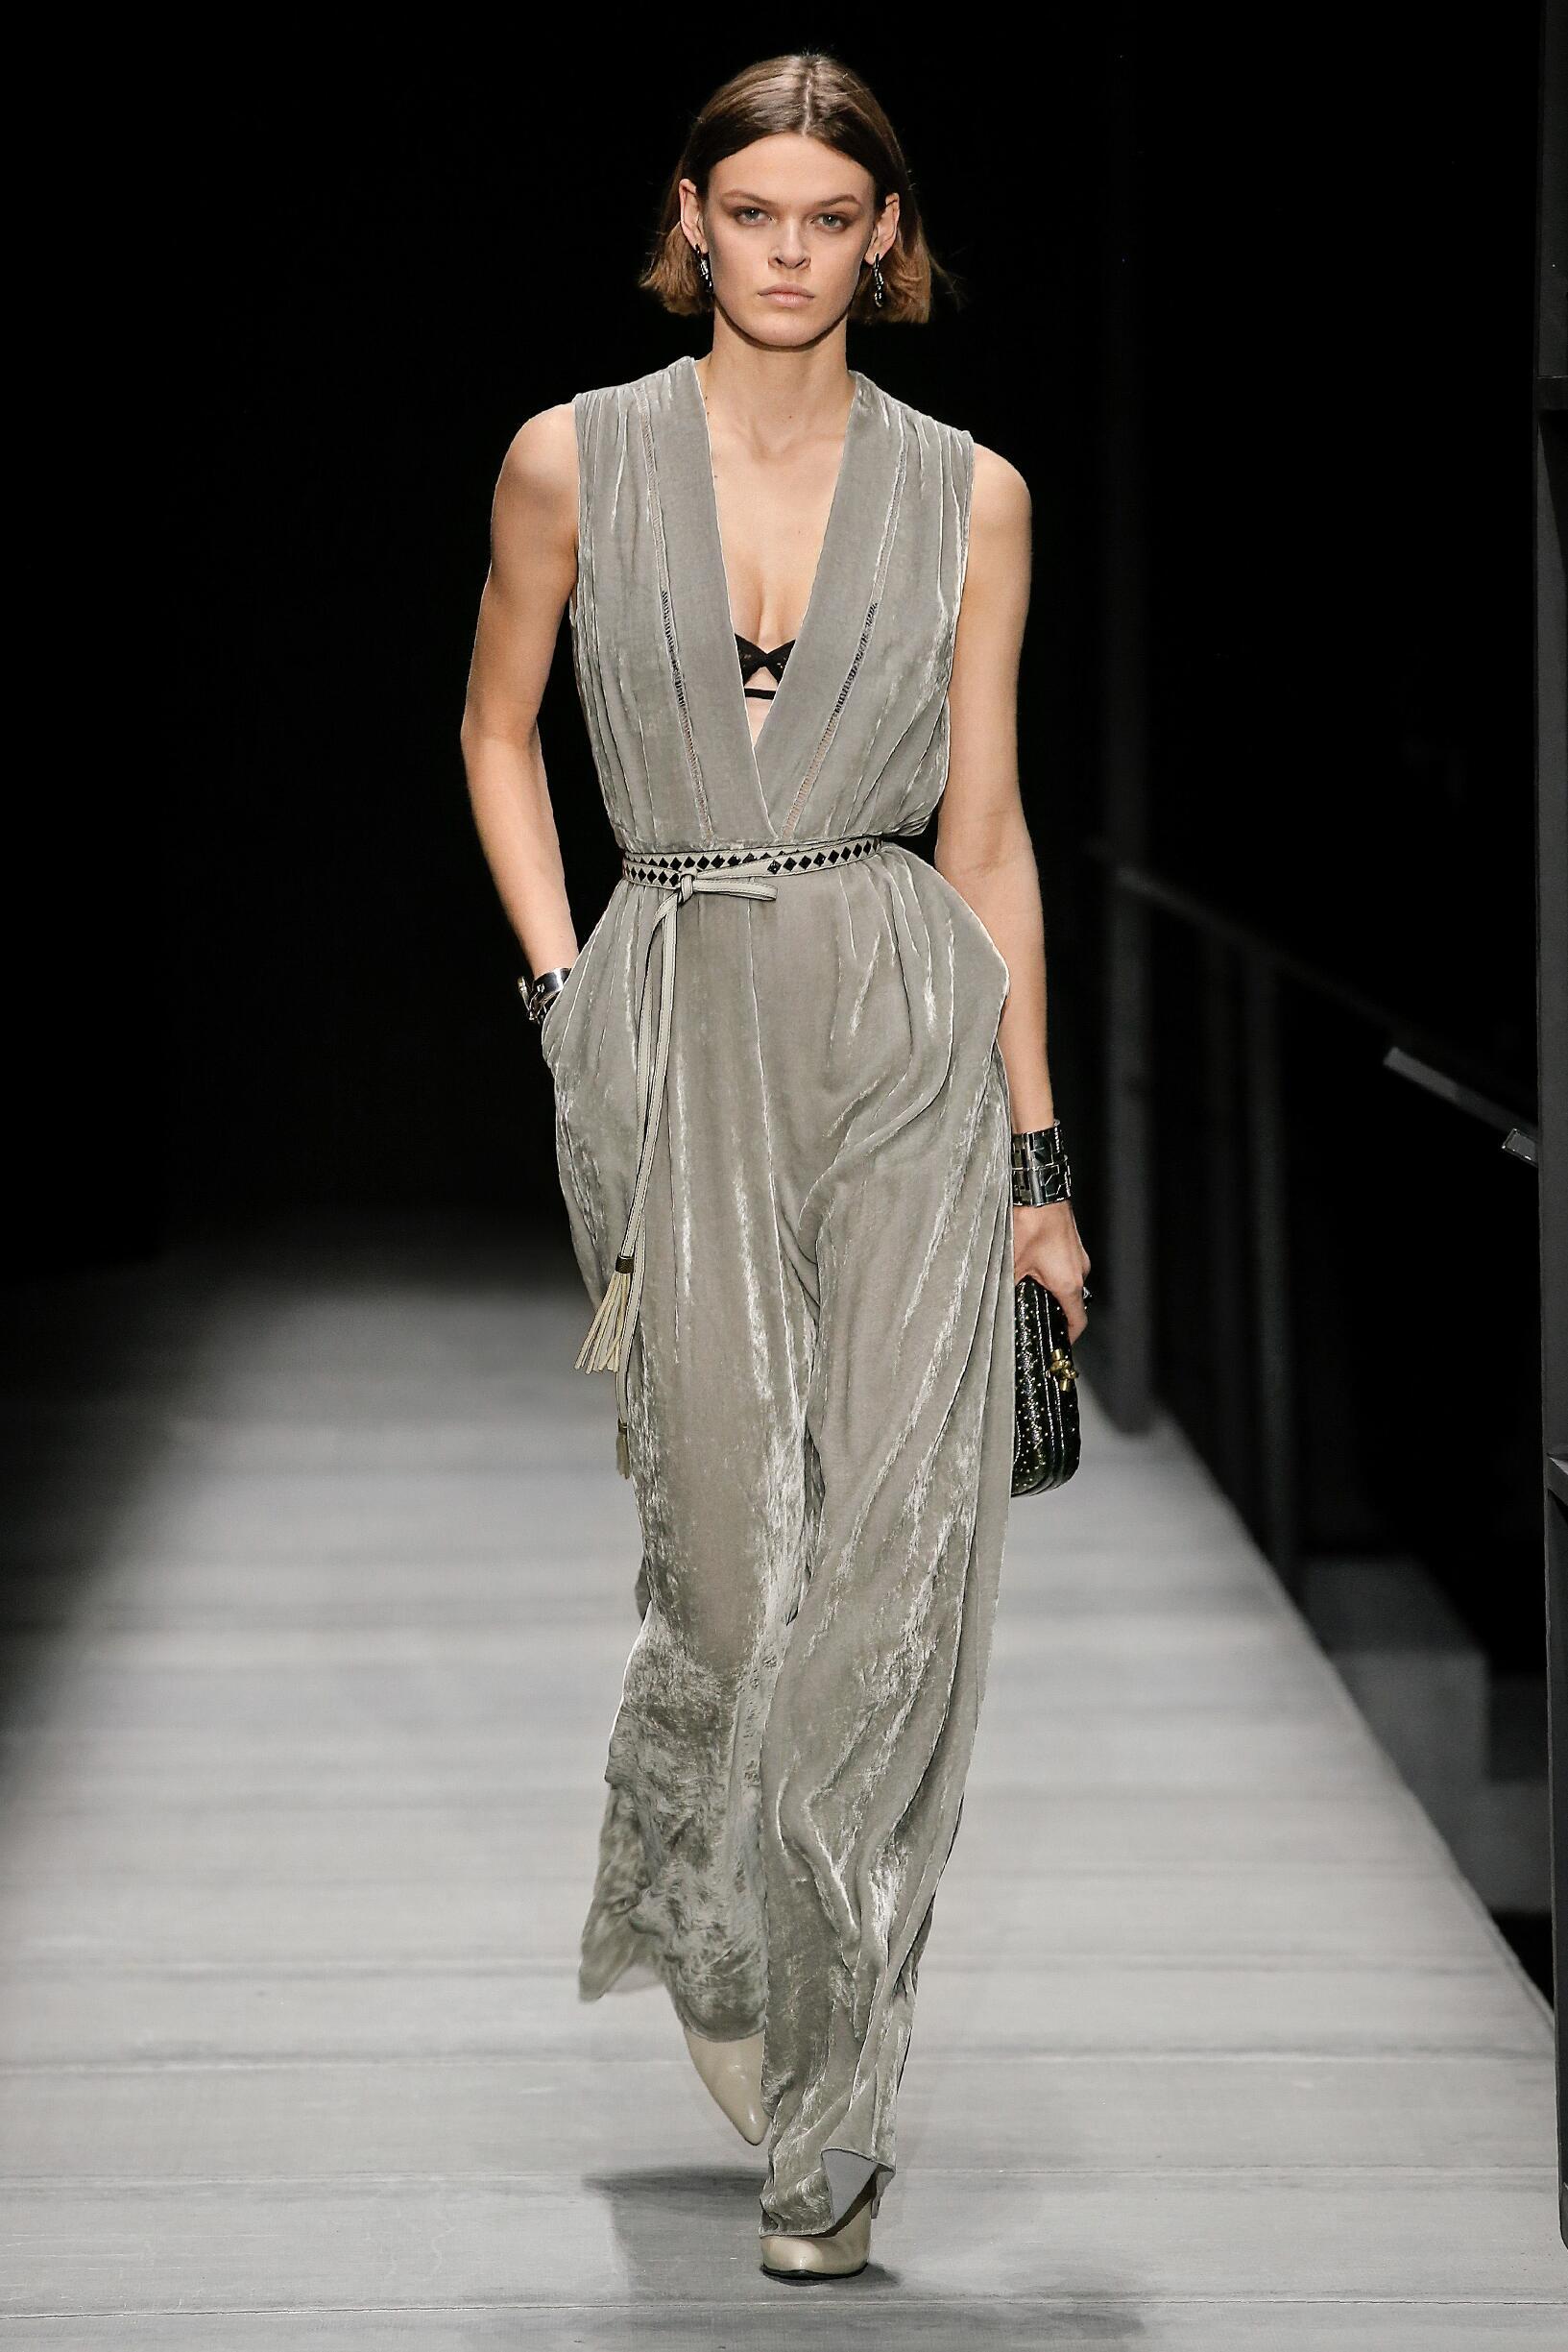 Bottega Veneta Womenswear 2018-2019